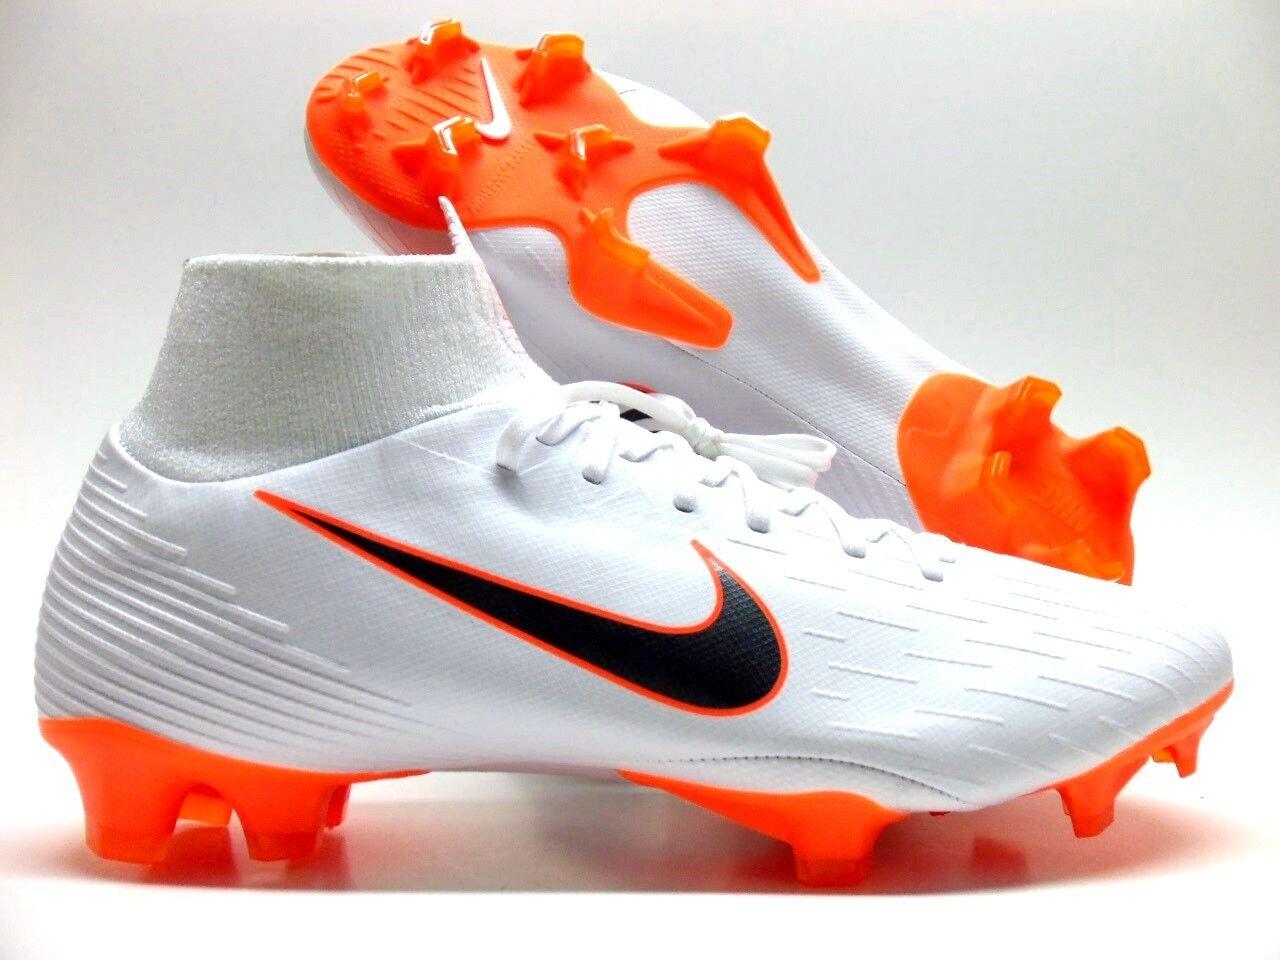 Nike Superfly 6 ACC Pro FG Soccer cleat ACC 6 blanco / MET Gris Size Hombre 9 Reducción de precios nuevos zapatos para hombres y mujeres, el limitado tiempo de descuento 82b005